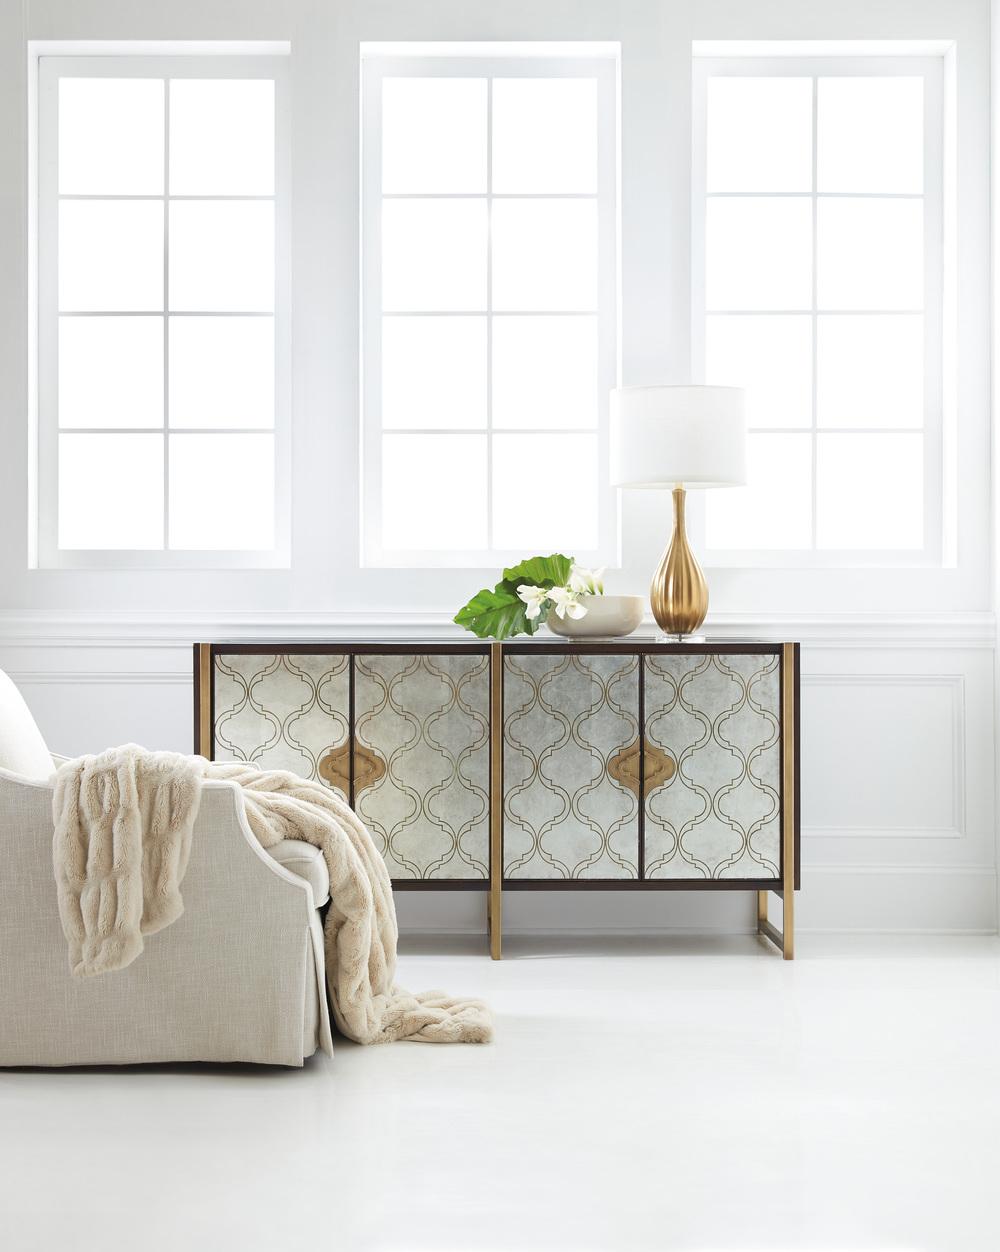 Hooker Furniture - Classic Credenza